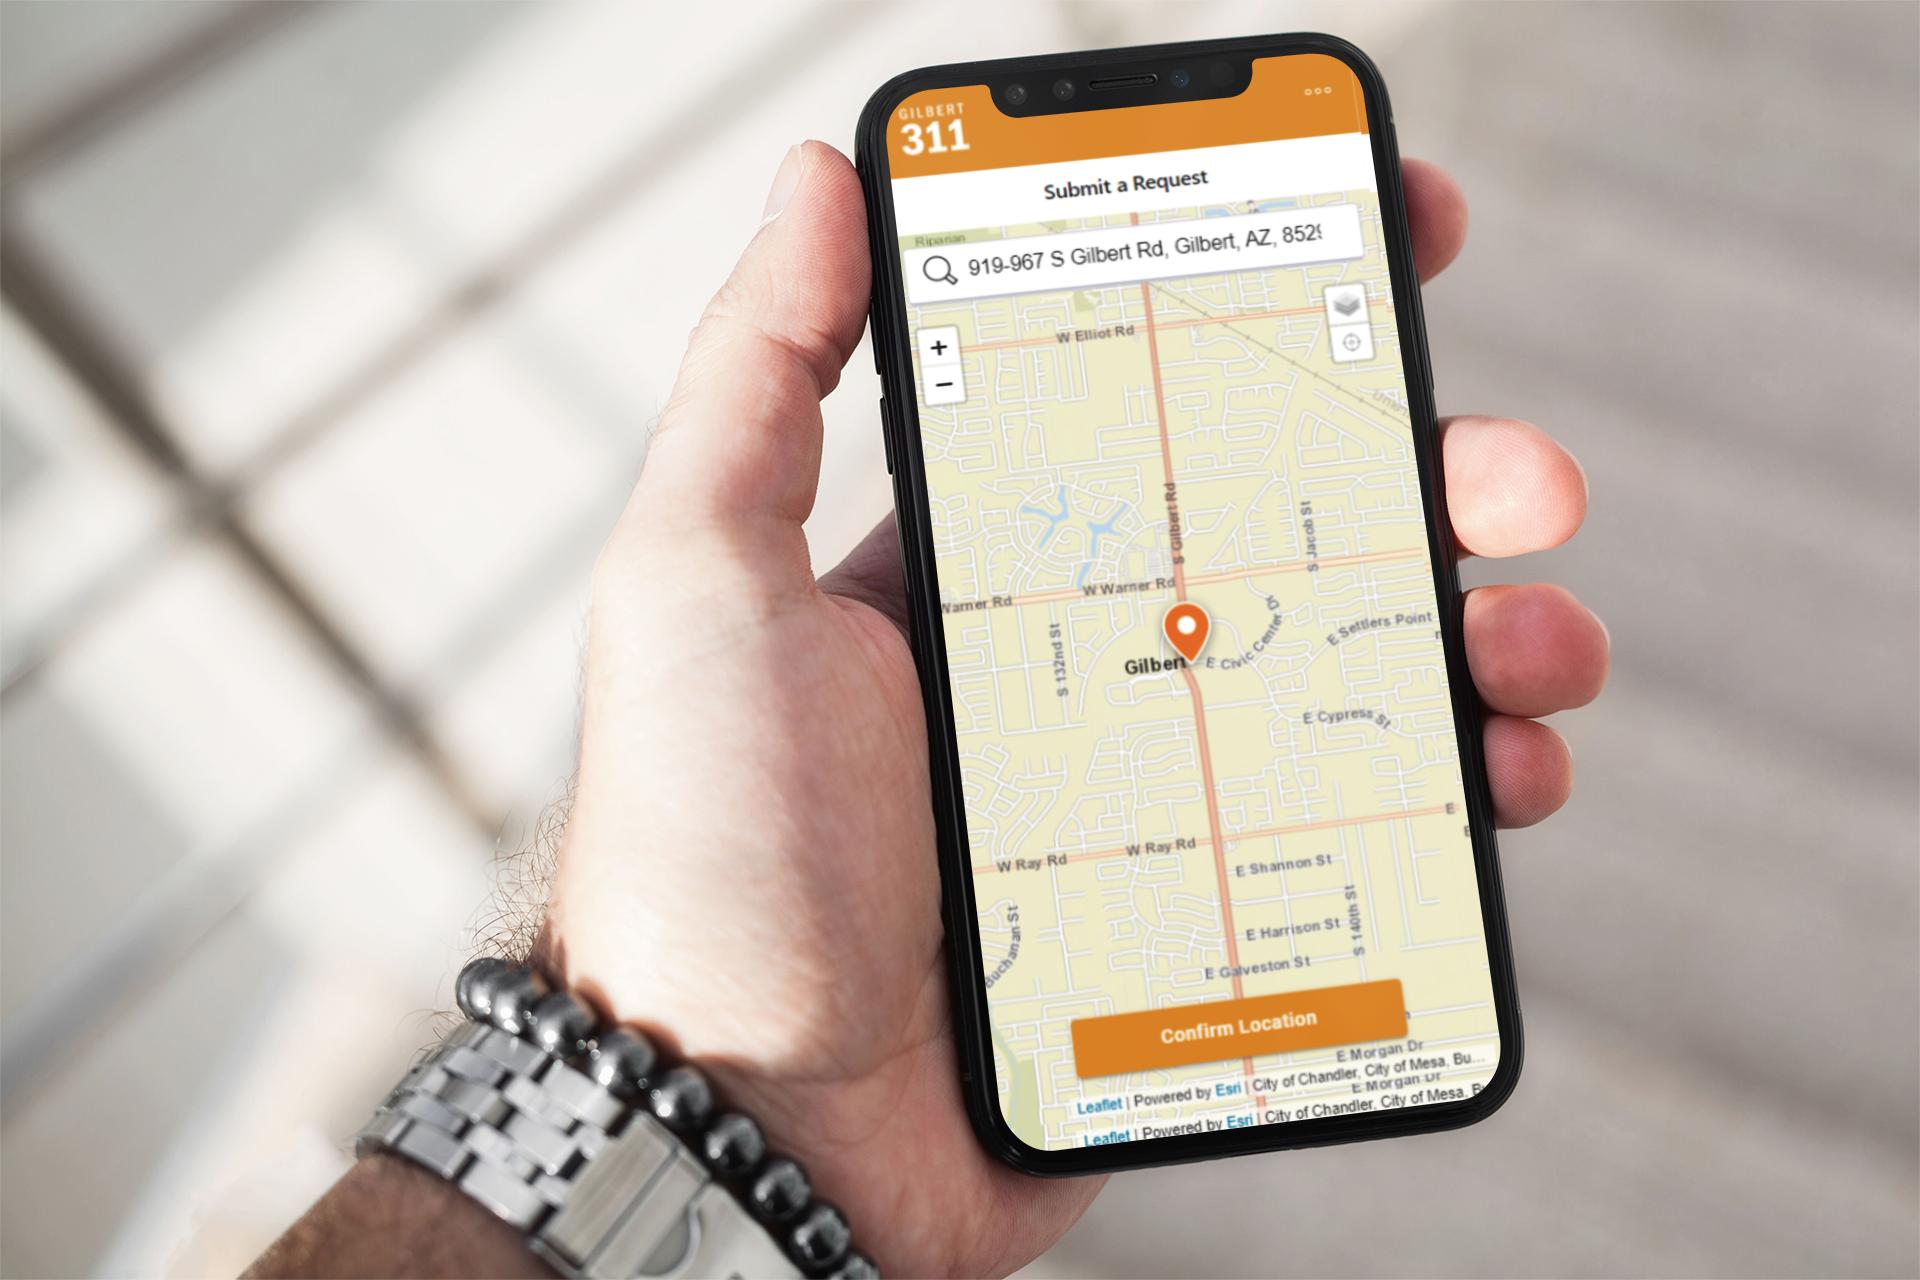 Gilbert, AZ Turns Potholes Into Praise with SeeClickFix Citizen Relationship Management Software